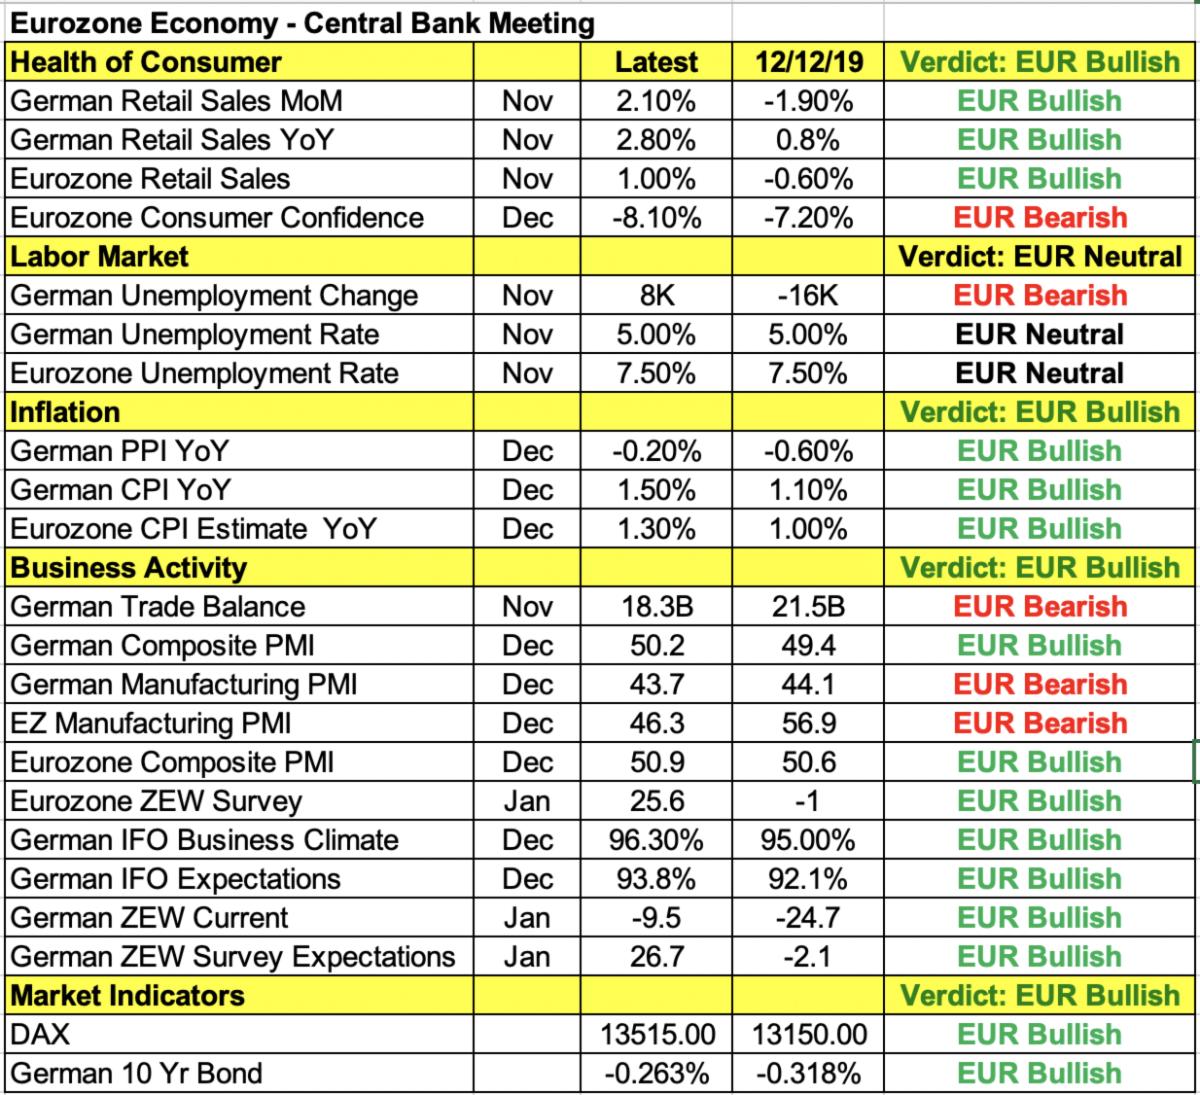 Вызовет ли решение ЕЦБ всплески на валютном рынке?